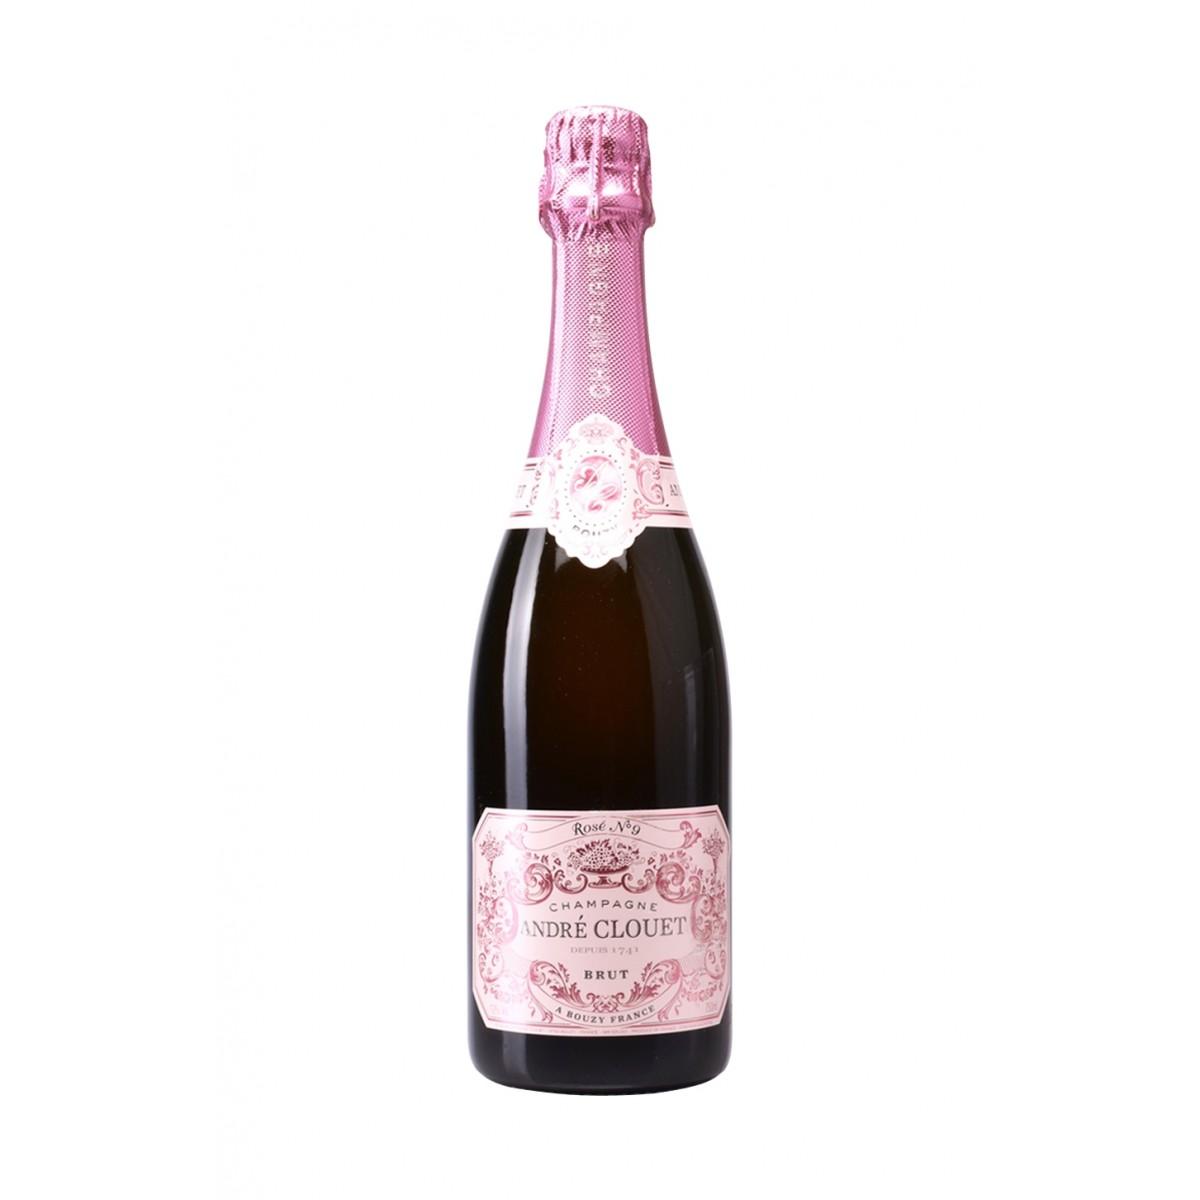 Champagne Rosè Grand Cru Brut - Andrè Clouet